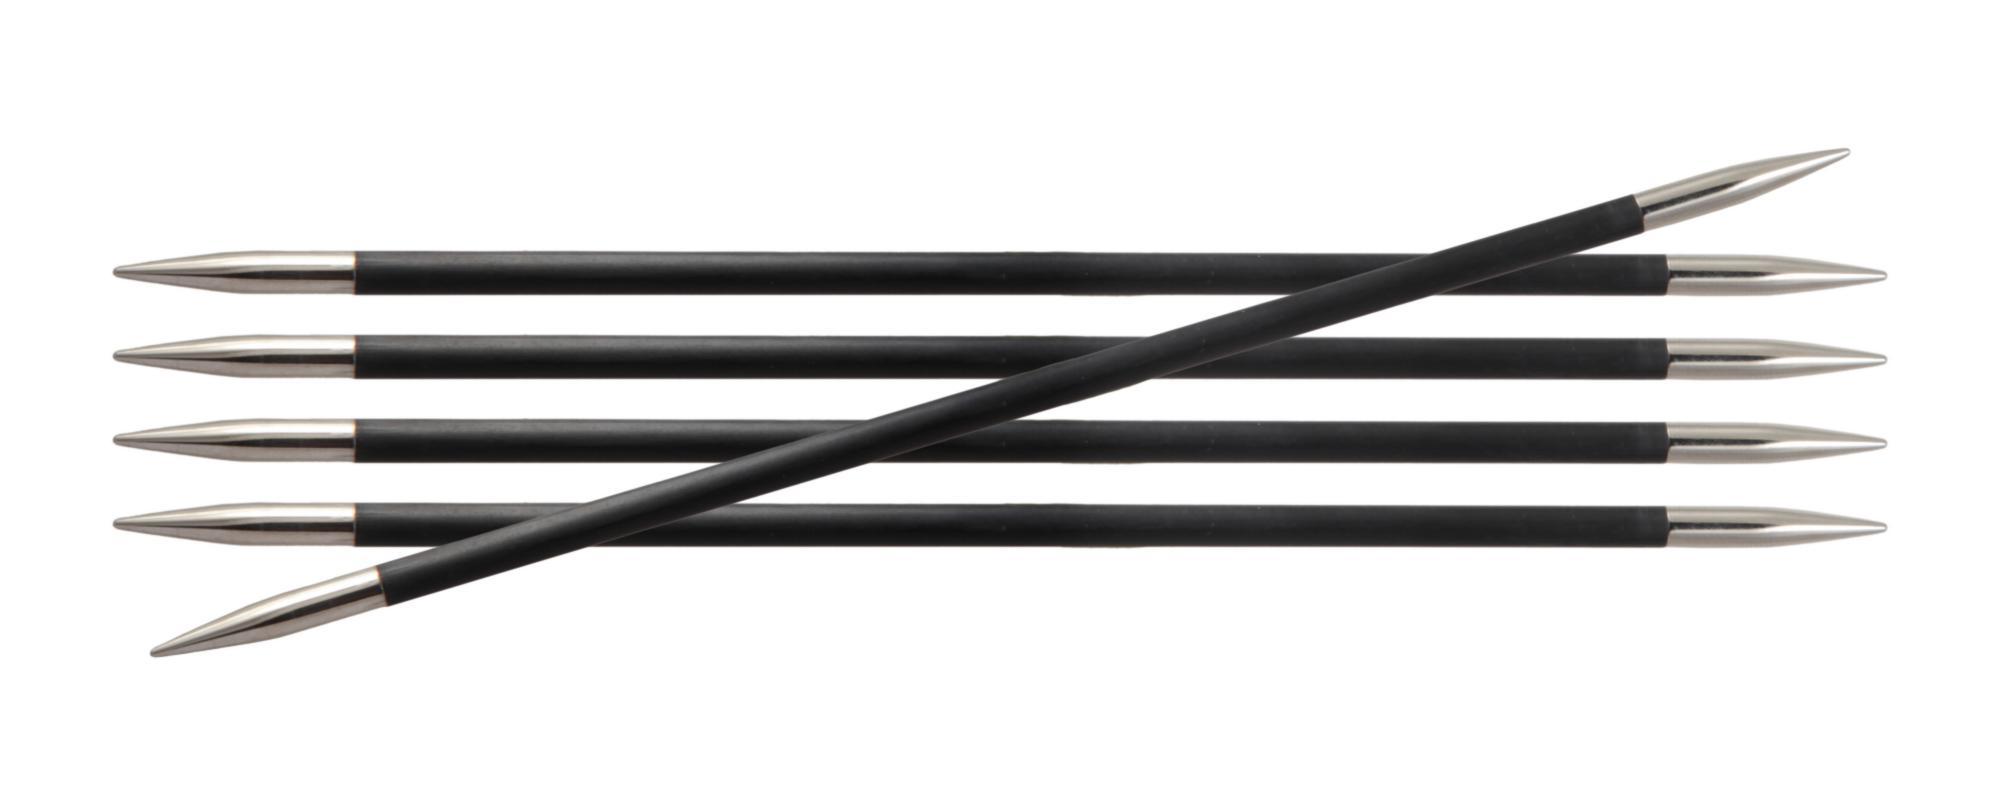 Спицы носочные 20 см Karbonz KnitPro, 41136, 6.00 мм